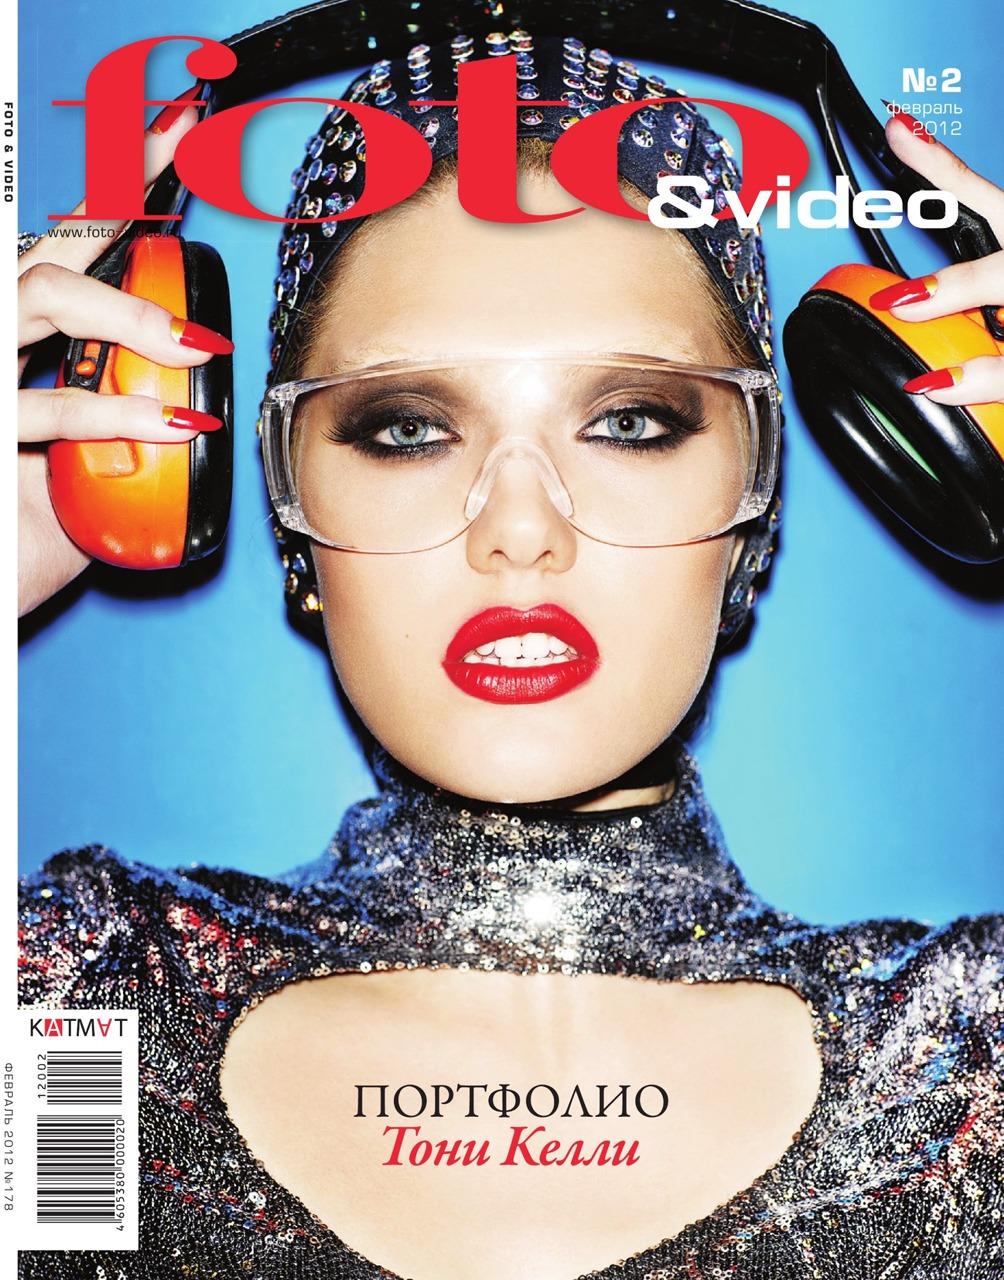 Foto & Video - популярный журнал, посвященный фототехнике и